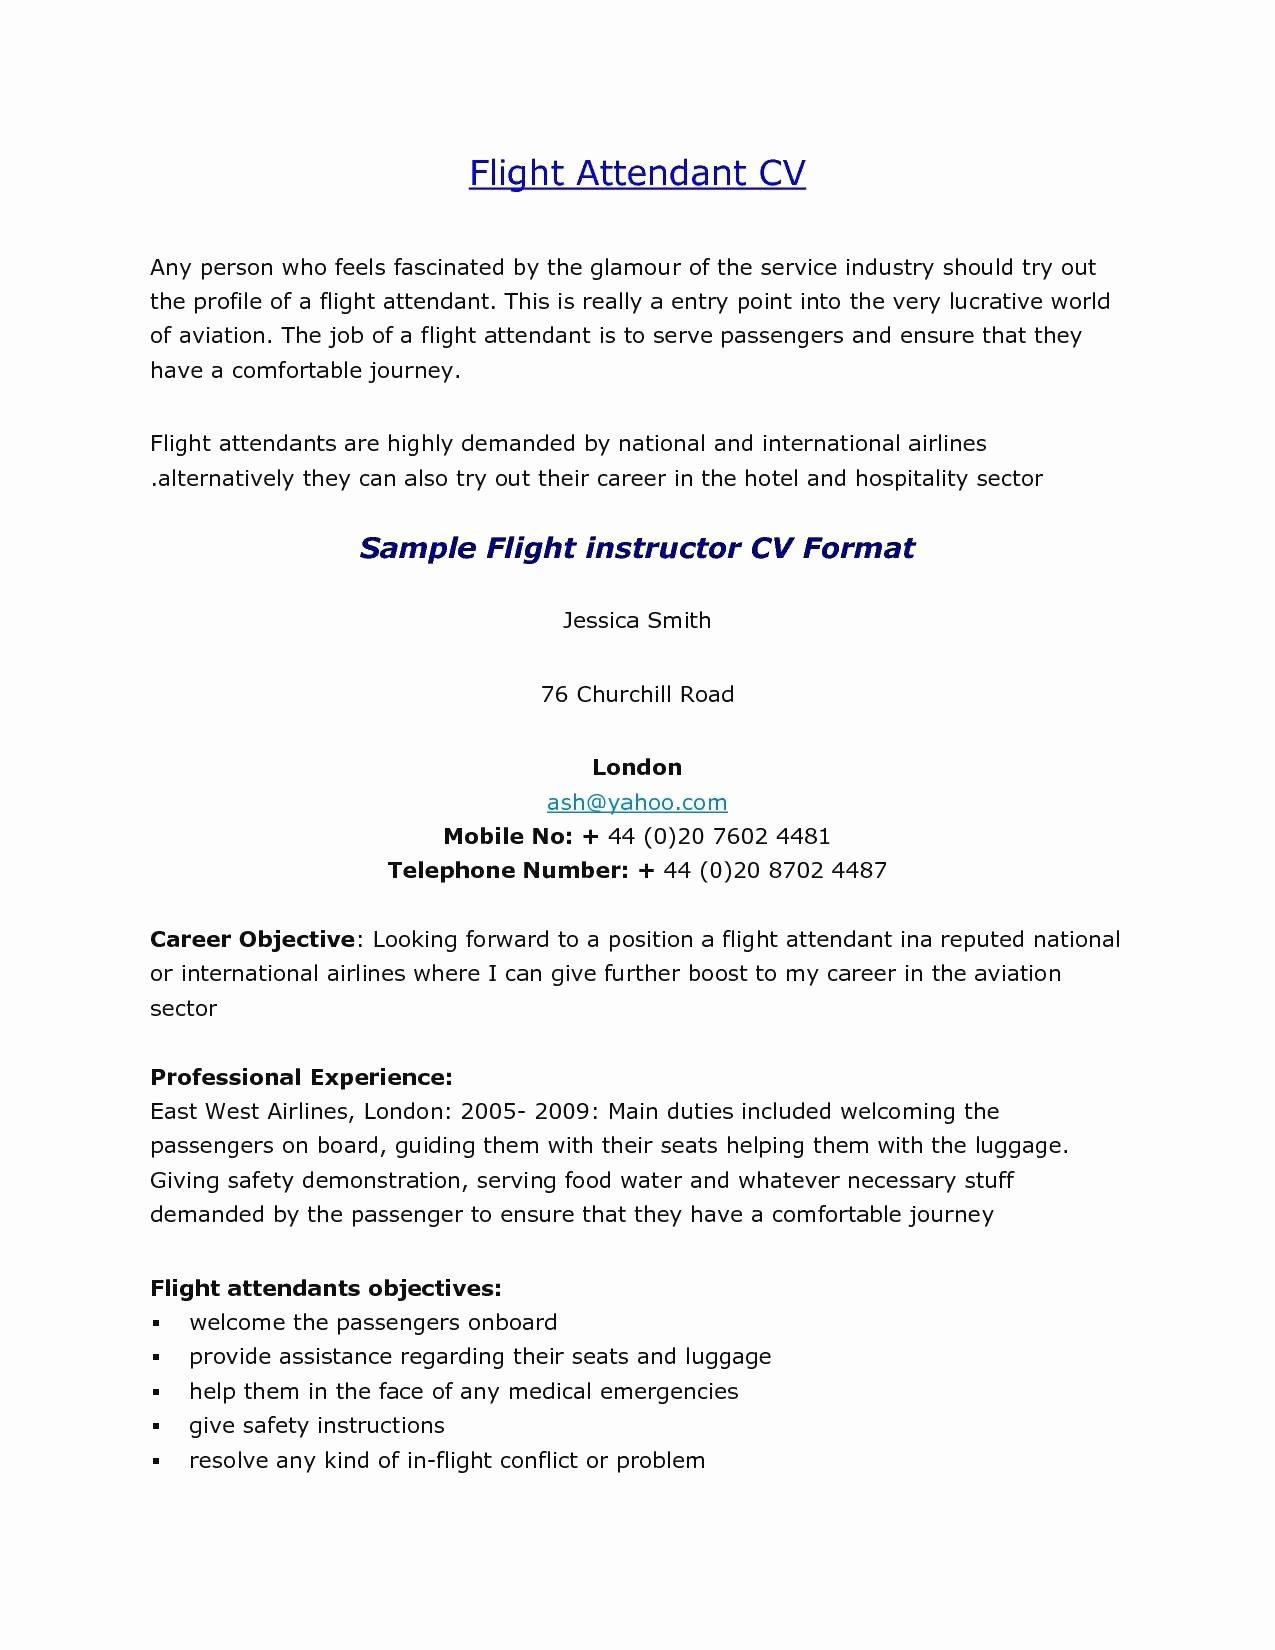 Resume Flight attendant Cover Letter Sidemcicek